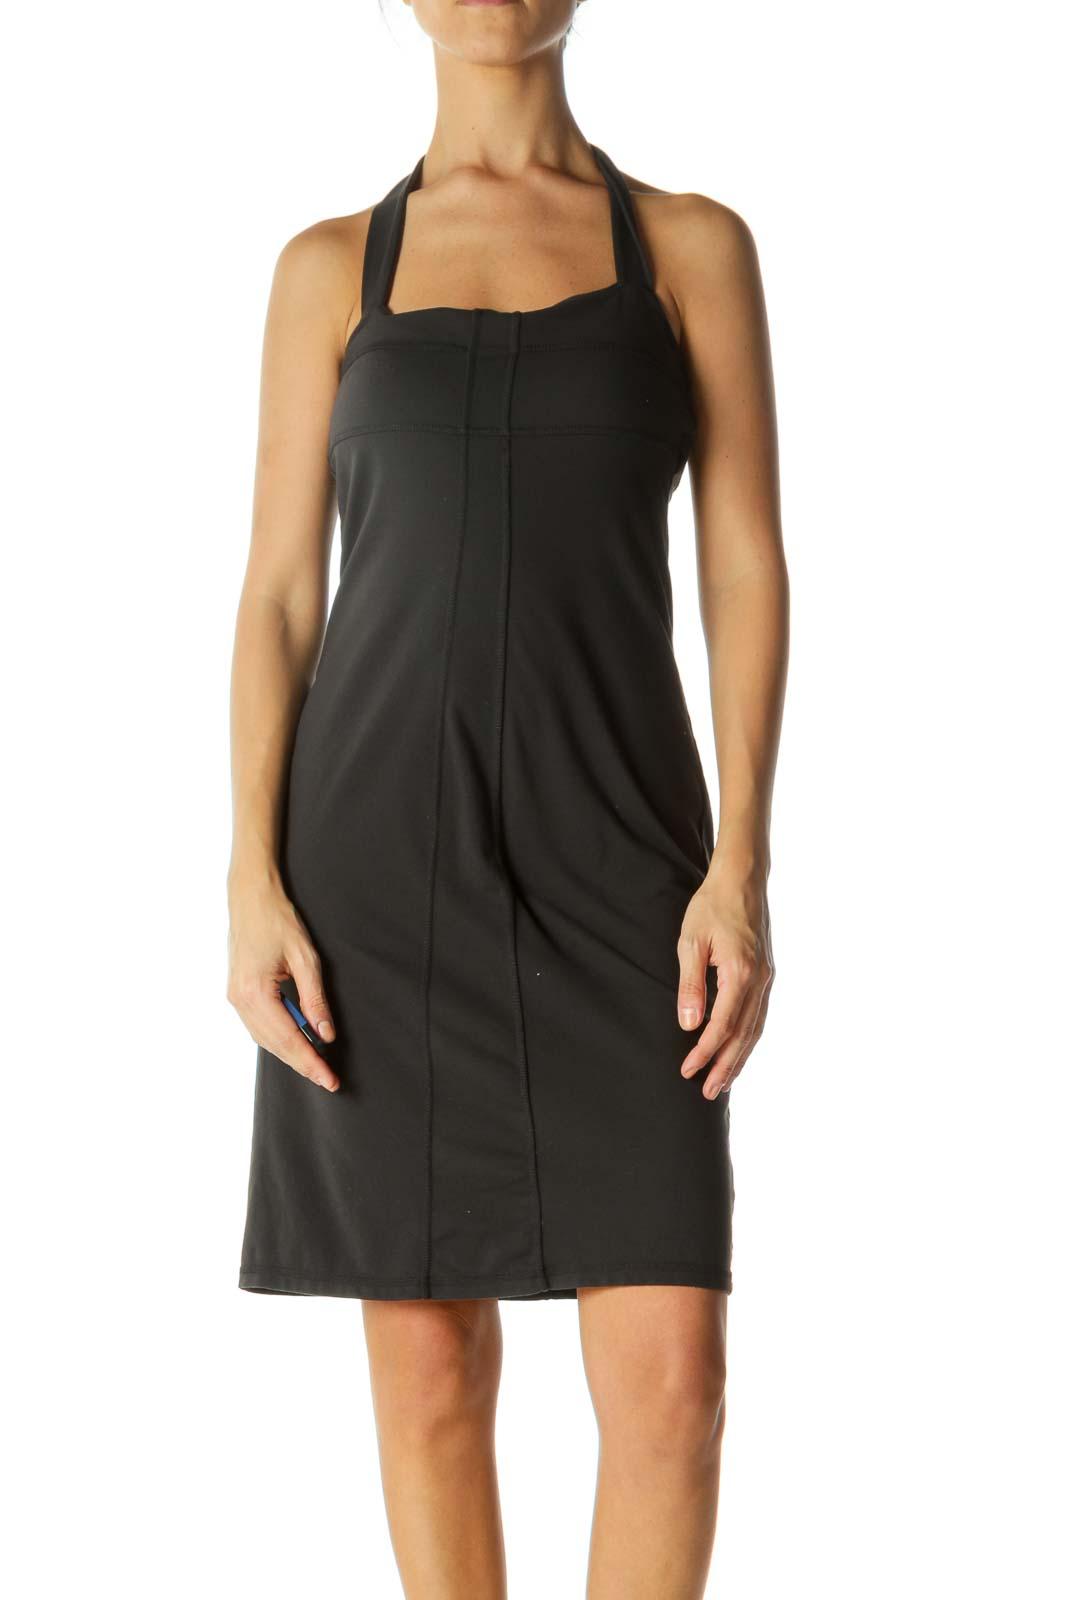 Dark Gray Halter Neckline Stretch Built-In Bra Support Active Dress